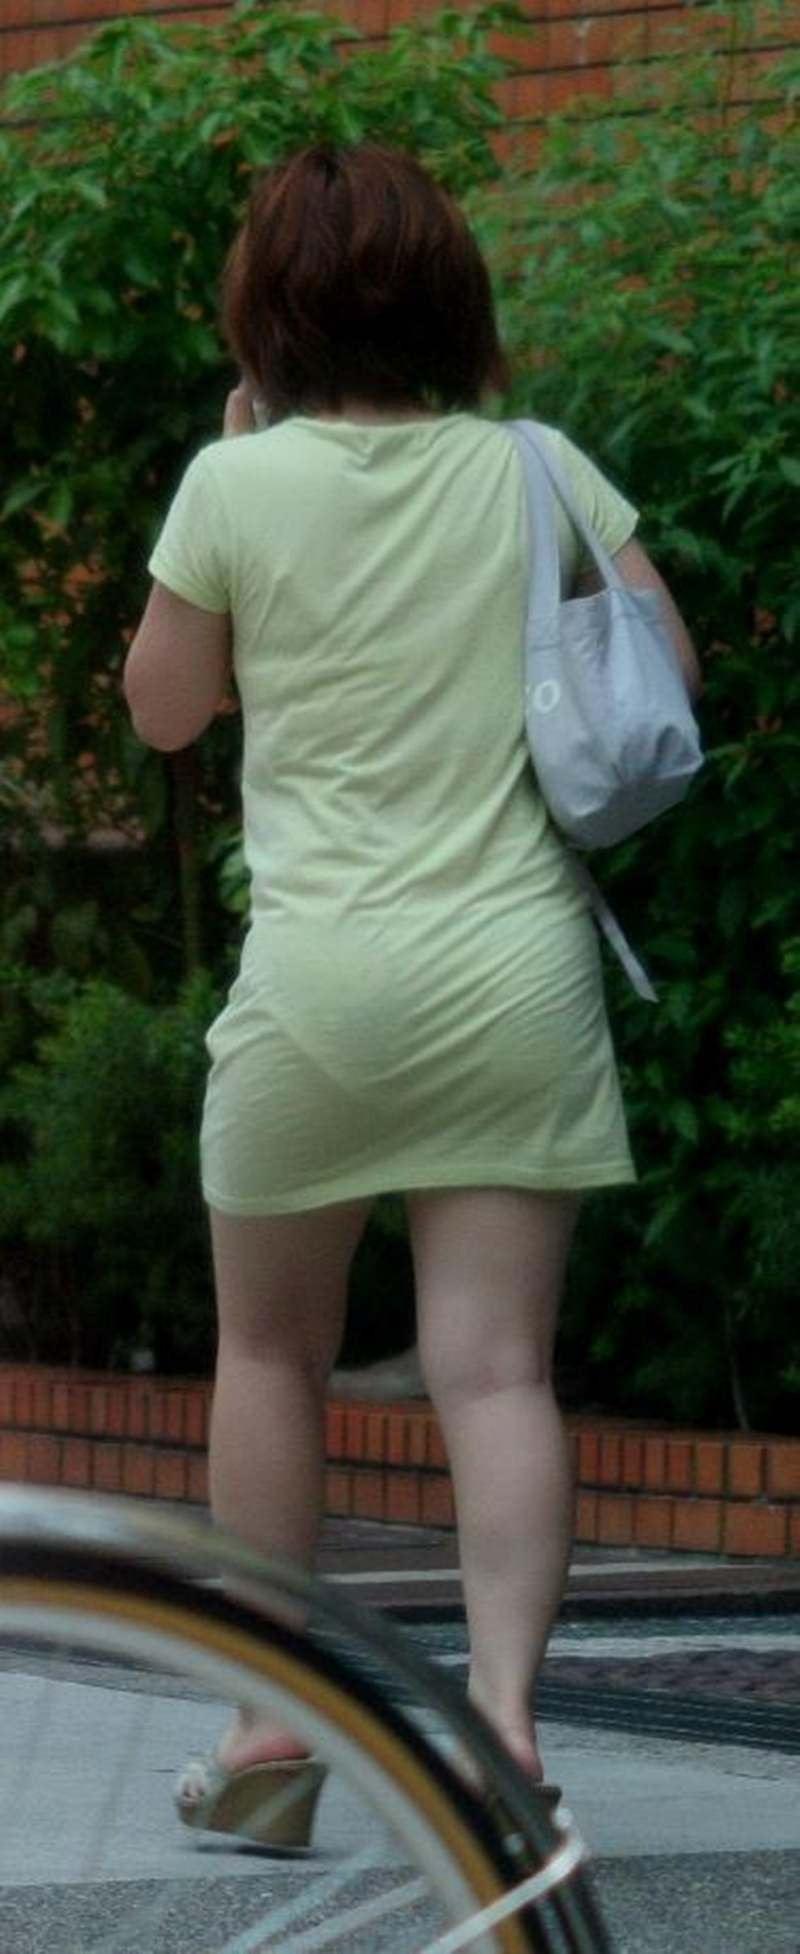 【スエットワンピエロ画像】スエットワンピを着てるヤンママやコンビニで買い物してるJDの透けパン盗撮したり電マで着衣調教しちゃった陶とワンピのエロ画像集ww【80枚】 23